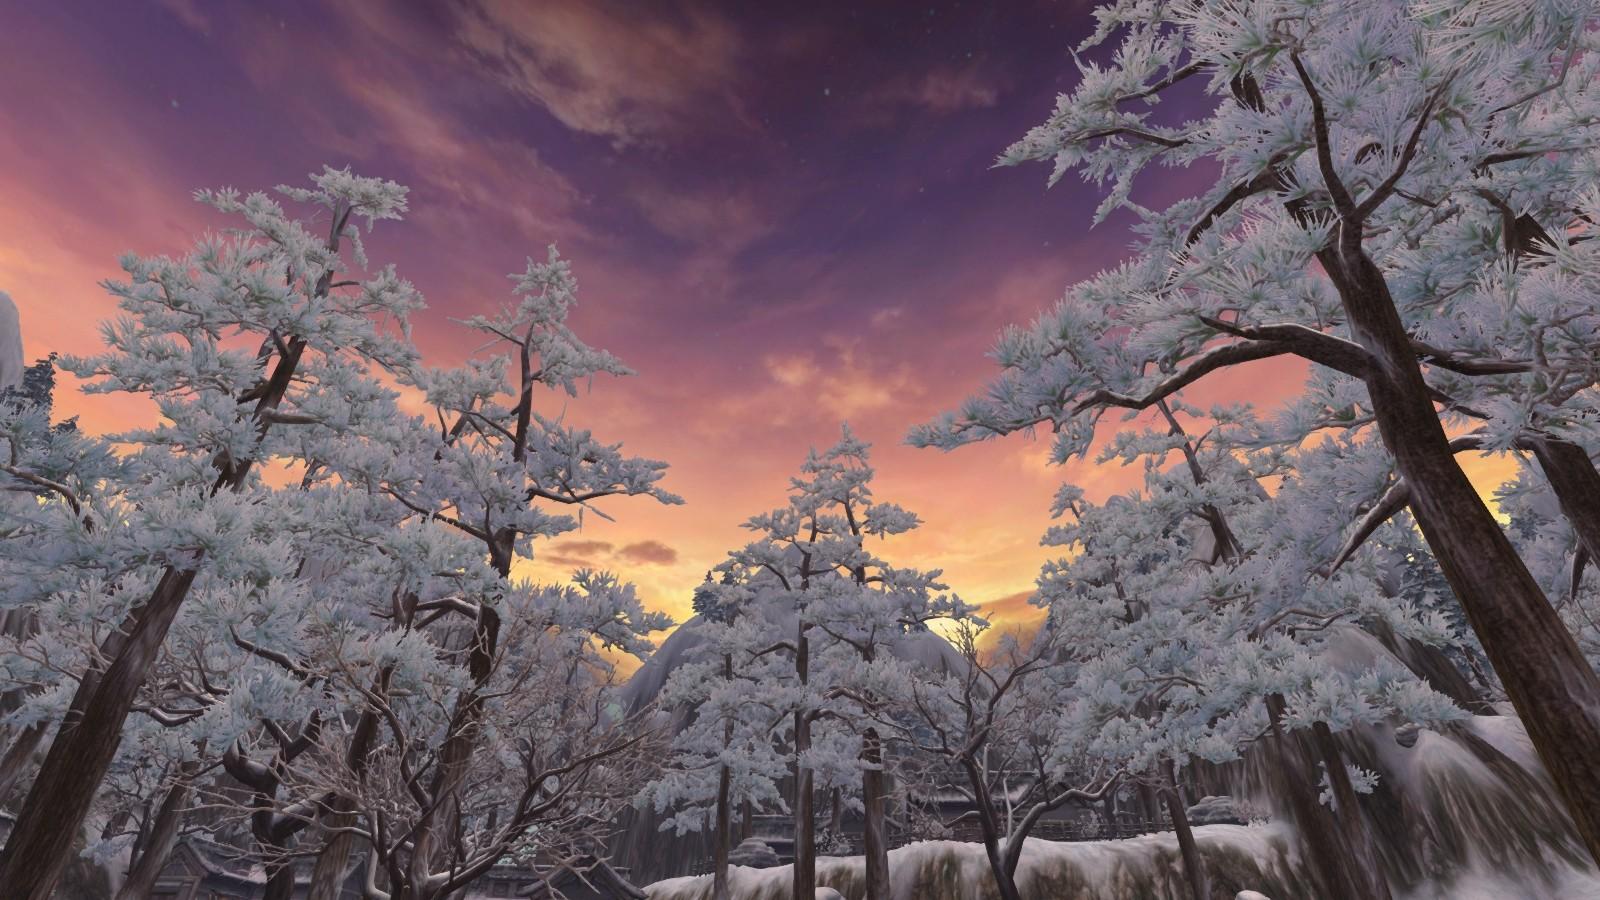 02夕陽西下,嫣紅的天空讓結霜的樹林別有一番風味